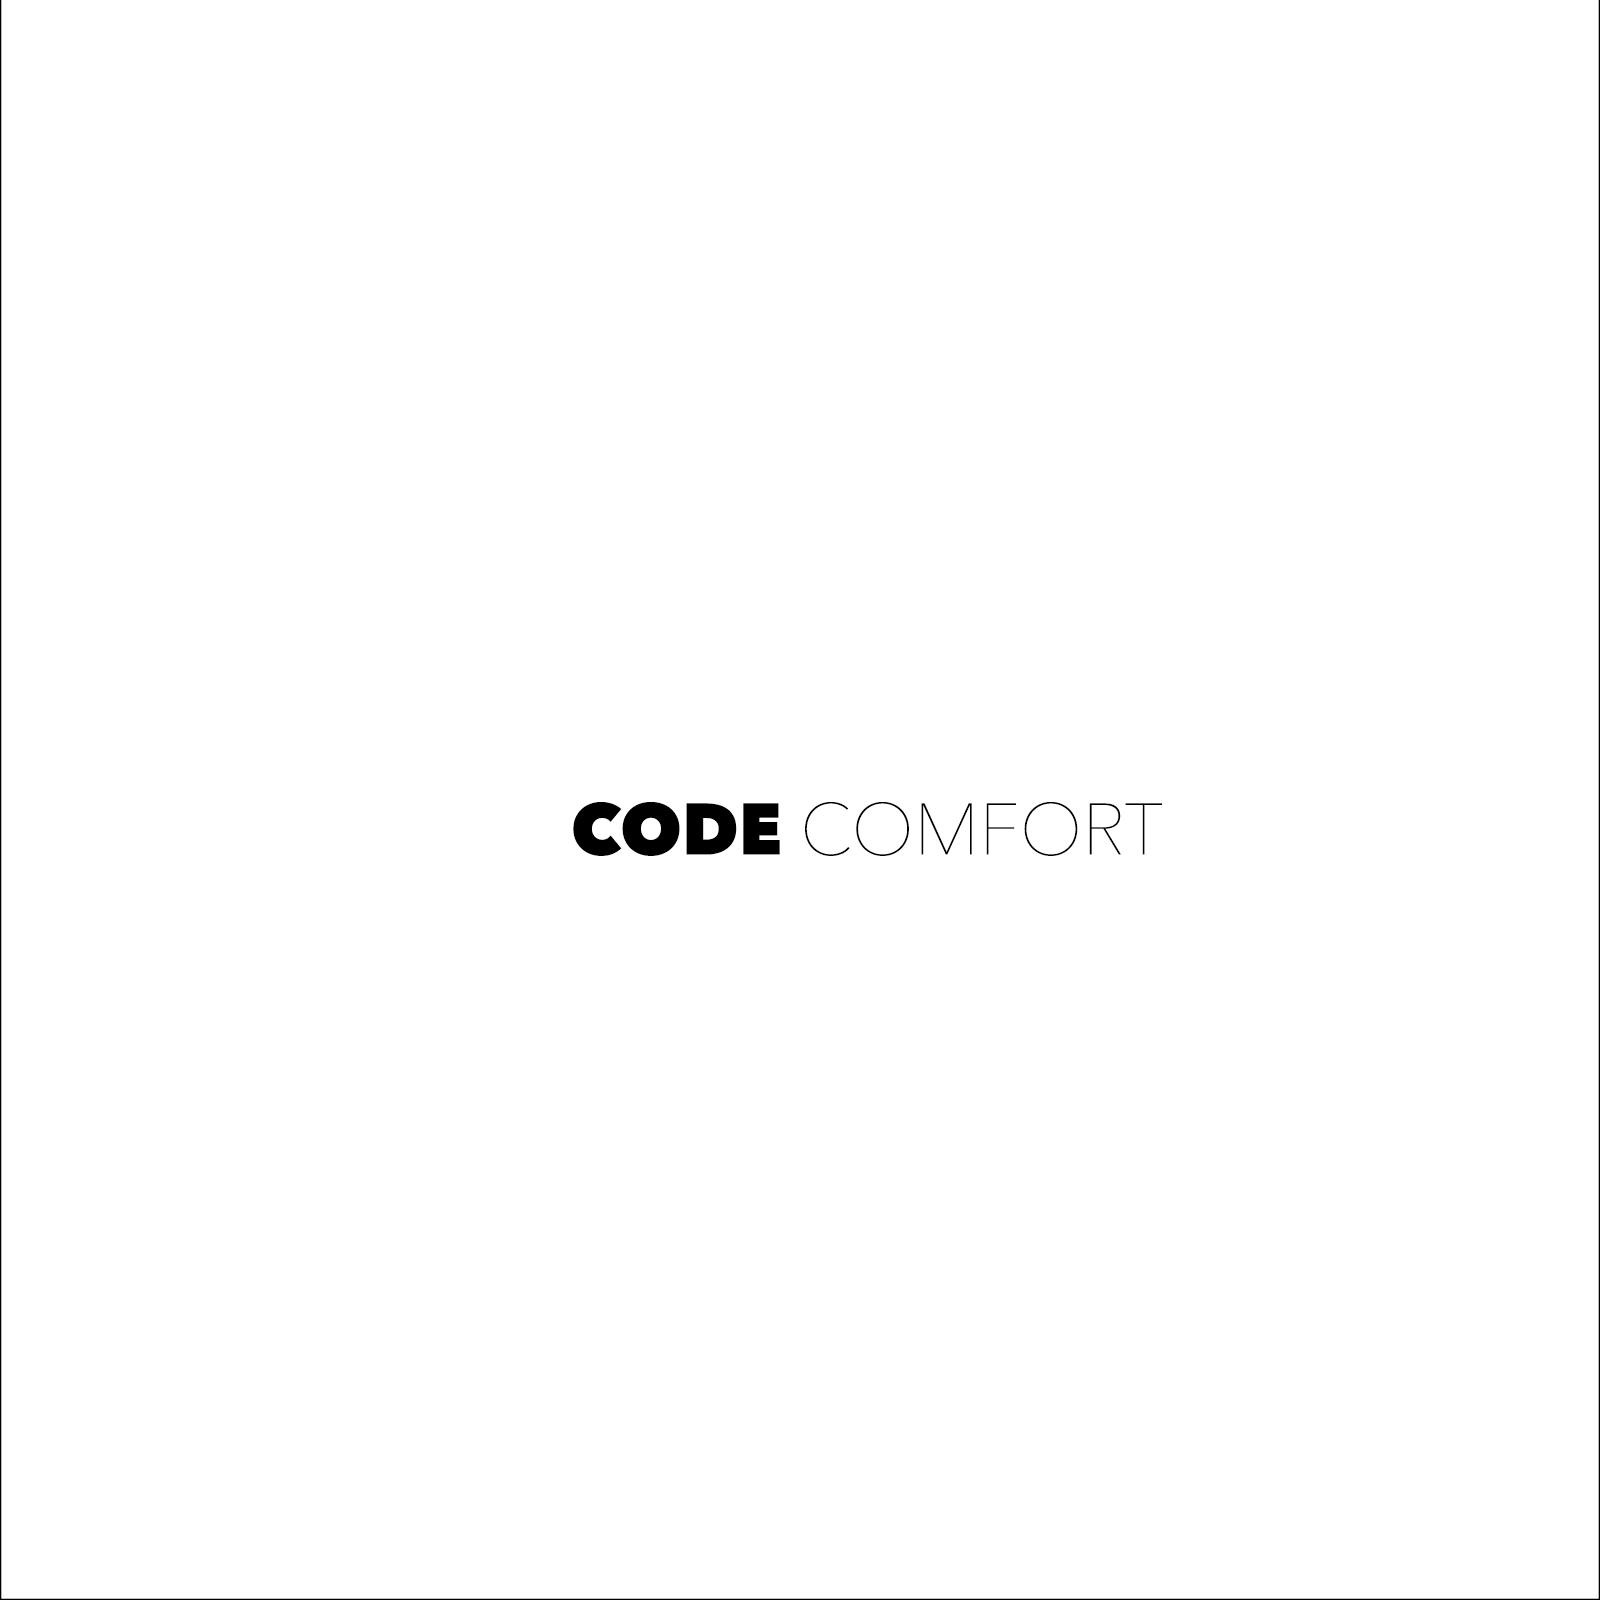 CODE COMFORT ARTISTS TALK 2.png